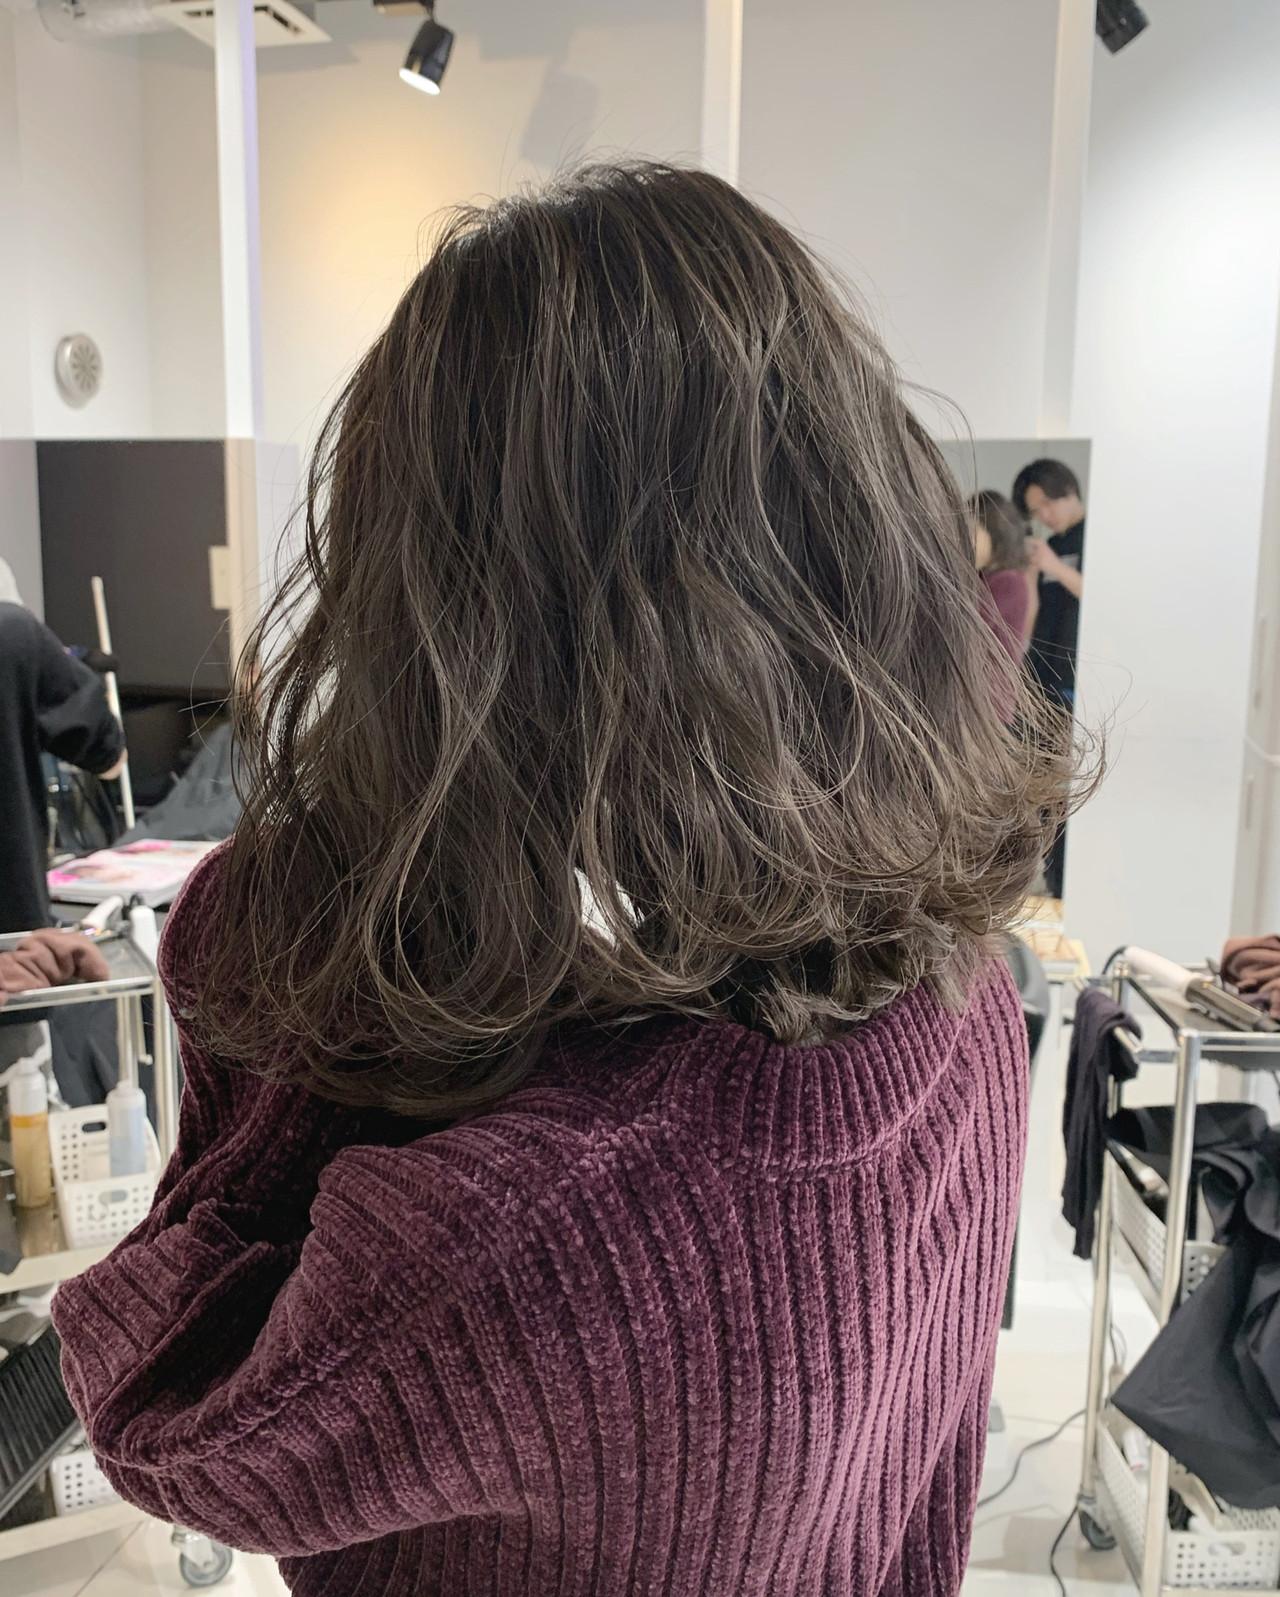 切りっぱなしボブ ショートヘア ナチュラル 簡単スタイリング ヘアスタイルや髪型の写真・画像